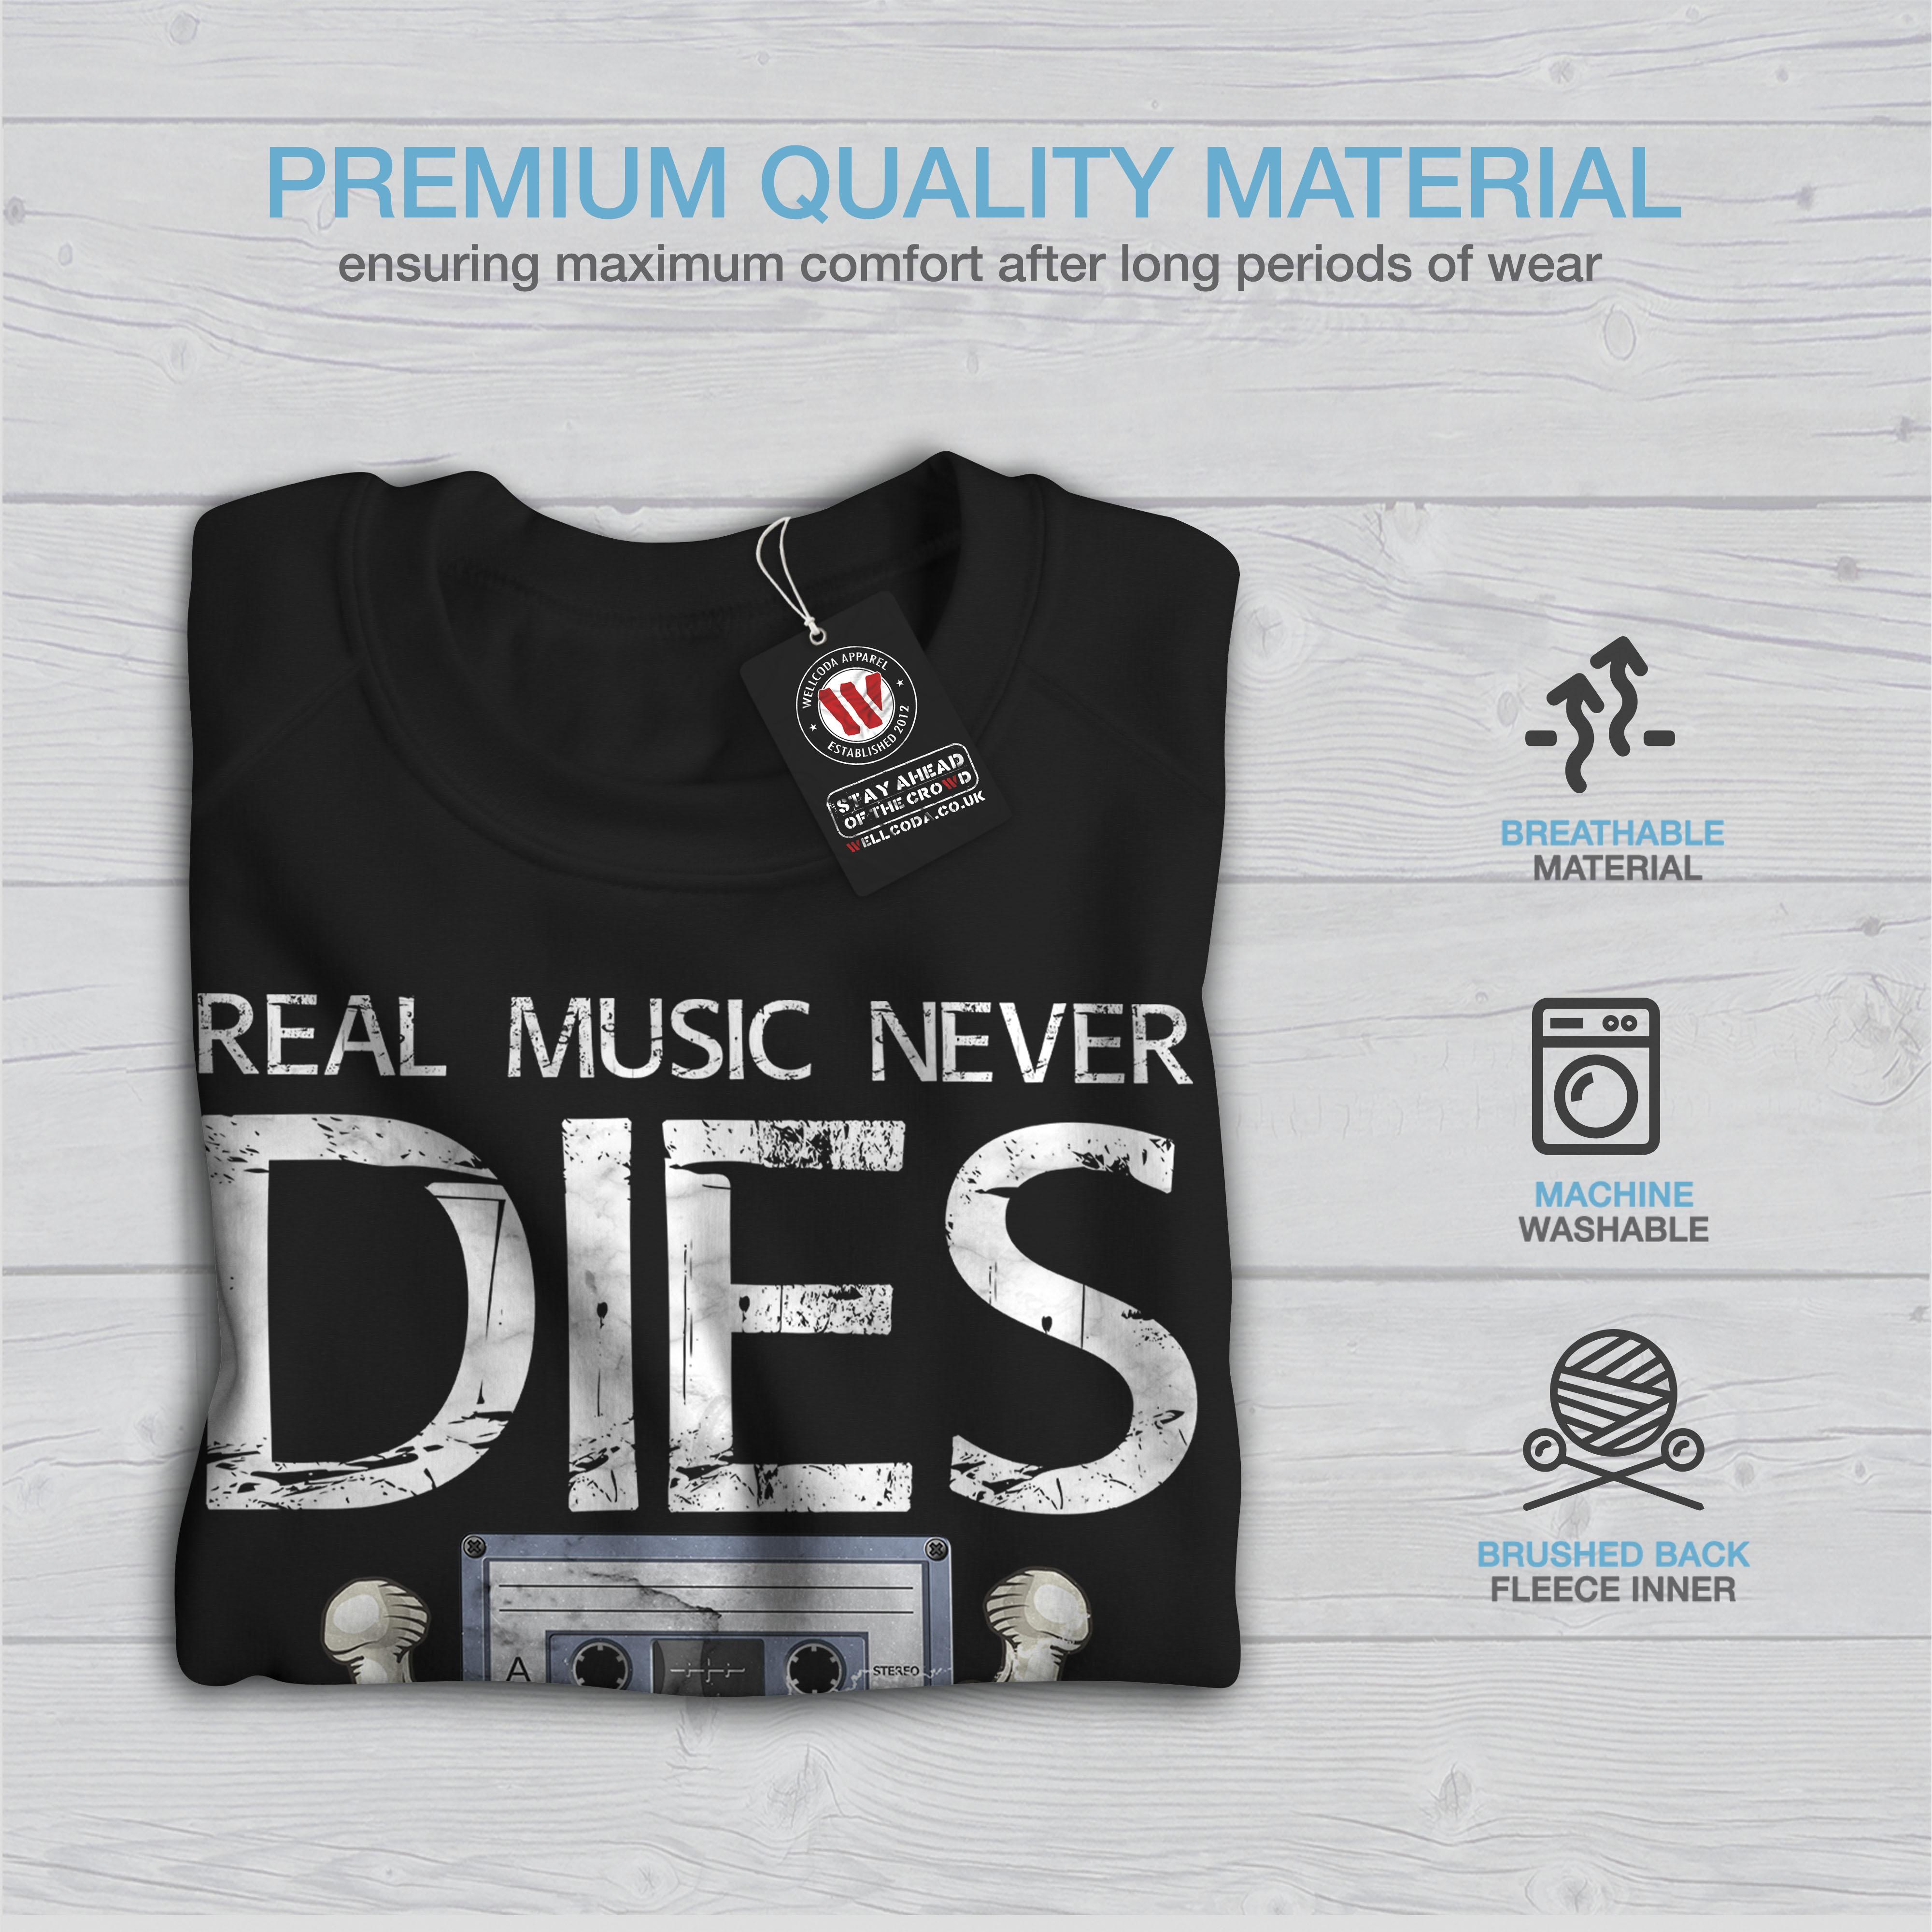 Casual Jumper Sweat Wohommess Pullover Real Music Noir shirtjamais Wellcoda meurt dCBoeErQxW